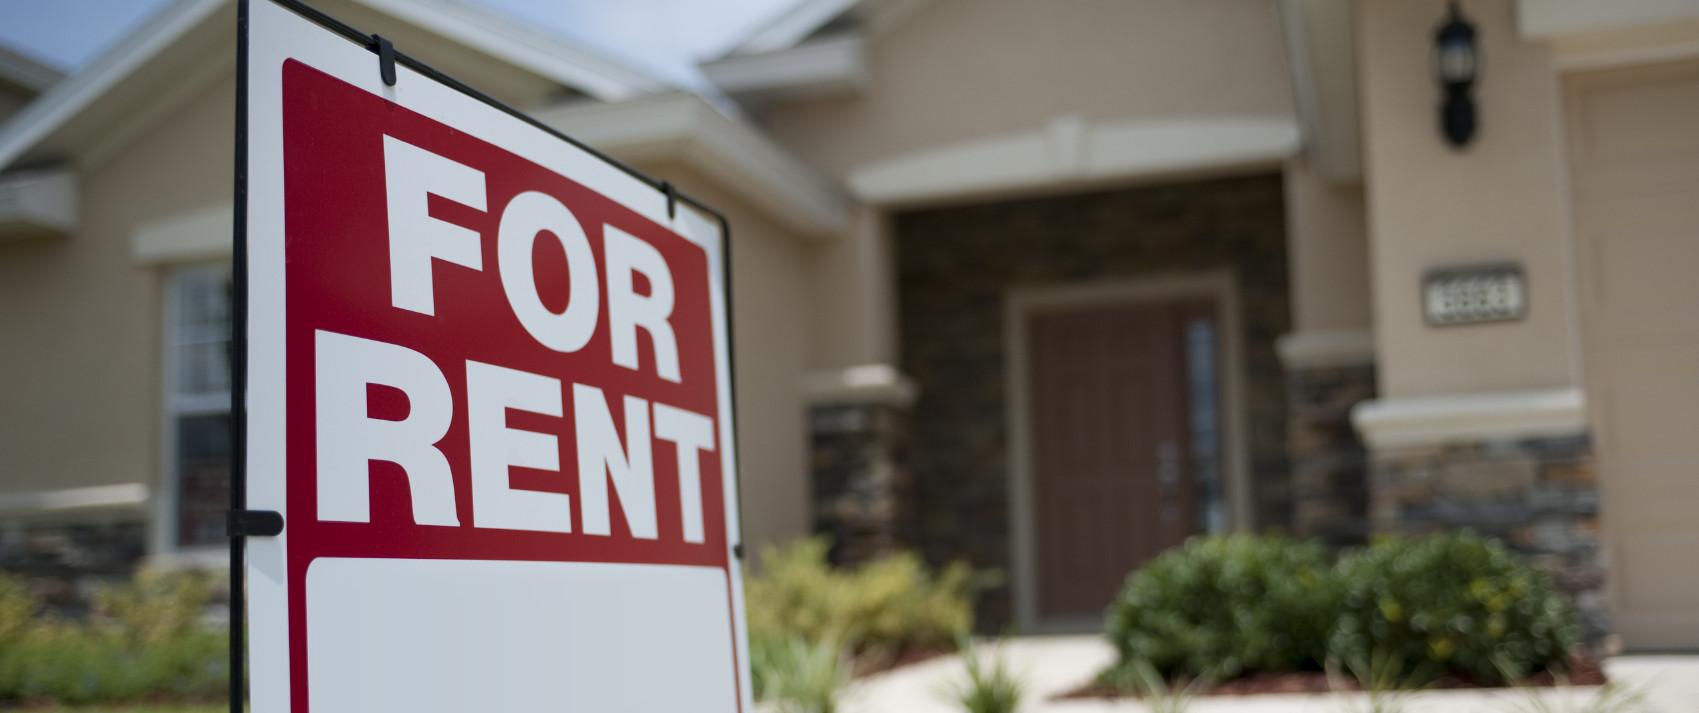 Какие факторы необходимо учесть, арендуя недвижимость во Франции